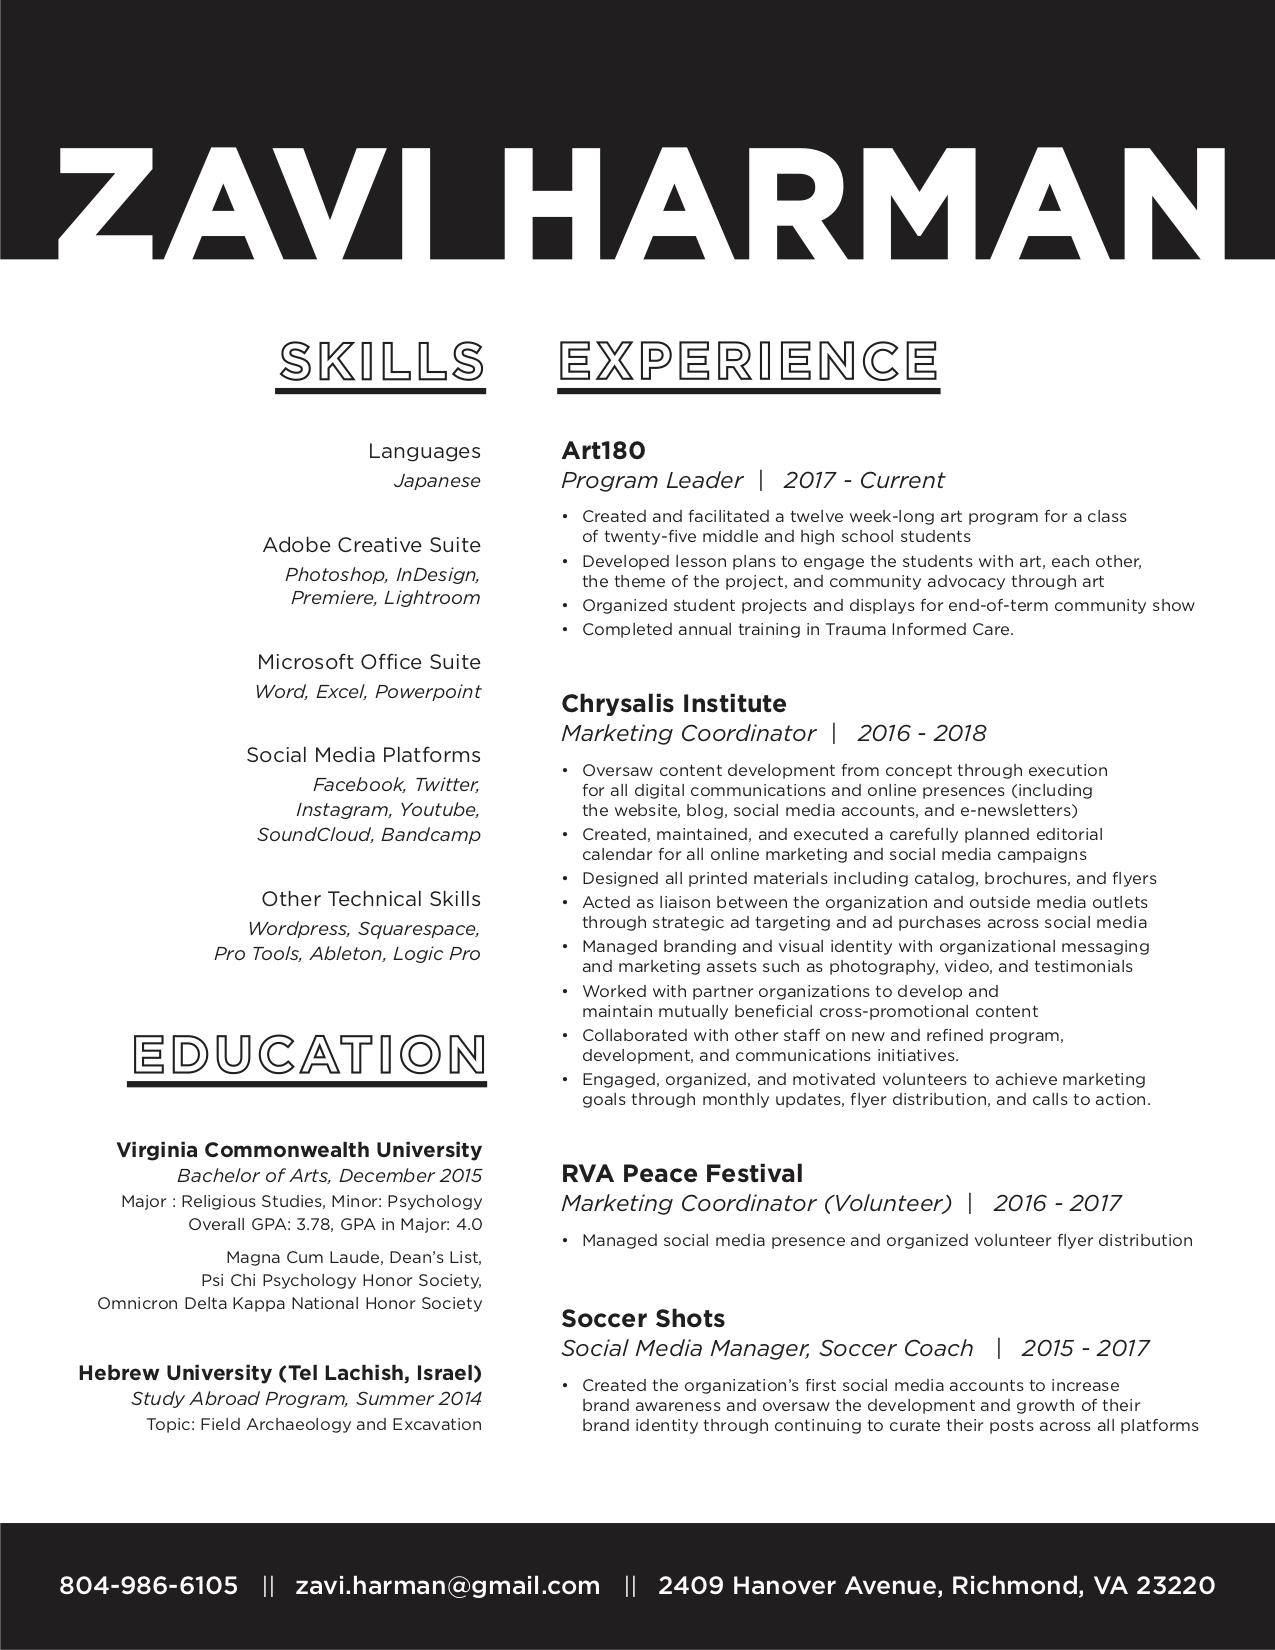 Zavi+Harman+Resume.jpg